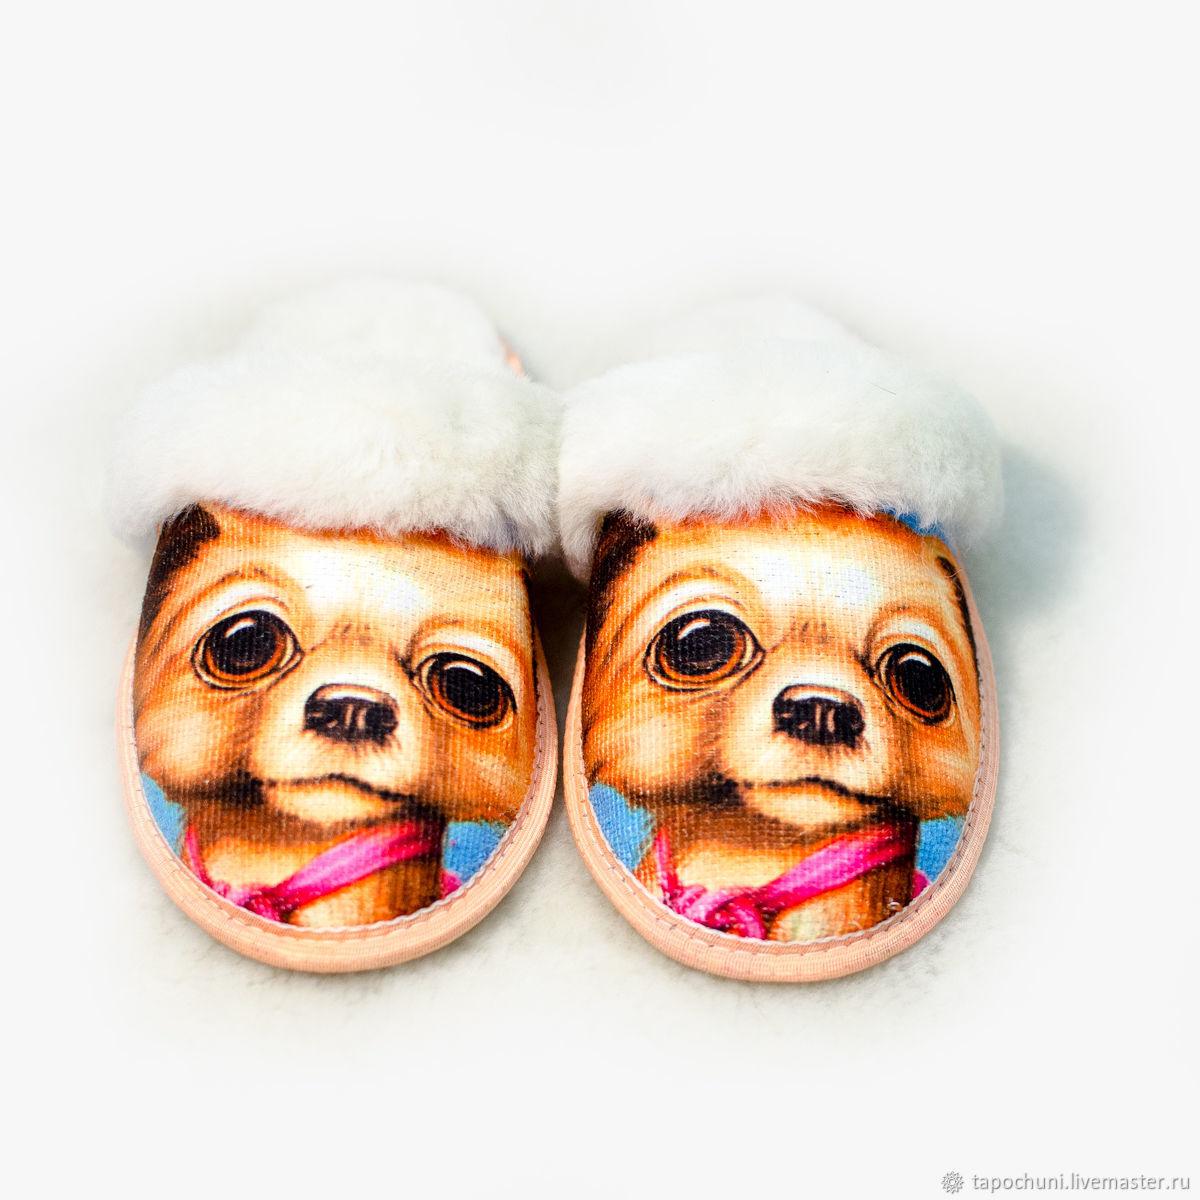 Обувь ручной работы. Ярмарка Мастеров - ручная работа. Купить Тапочки «Новый год собаки» из овчины. Handmade. Новый Год